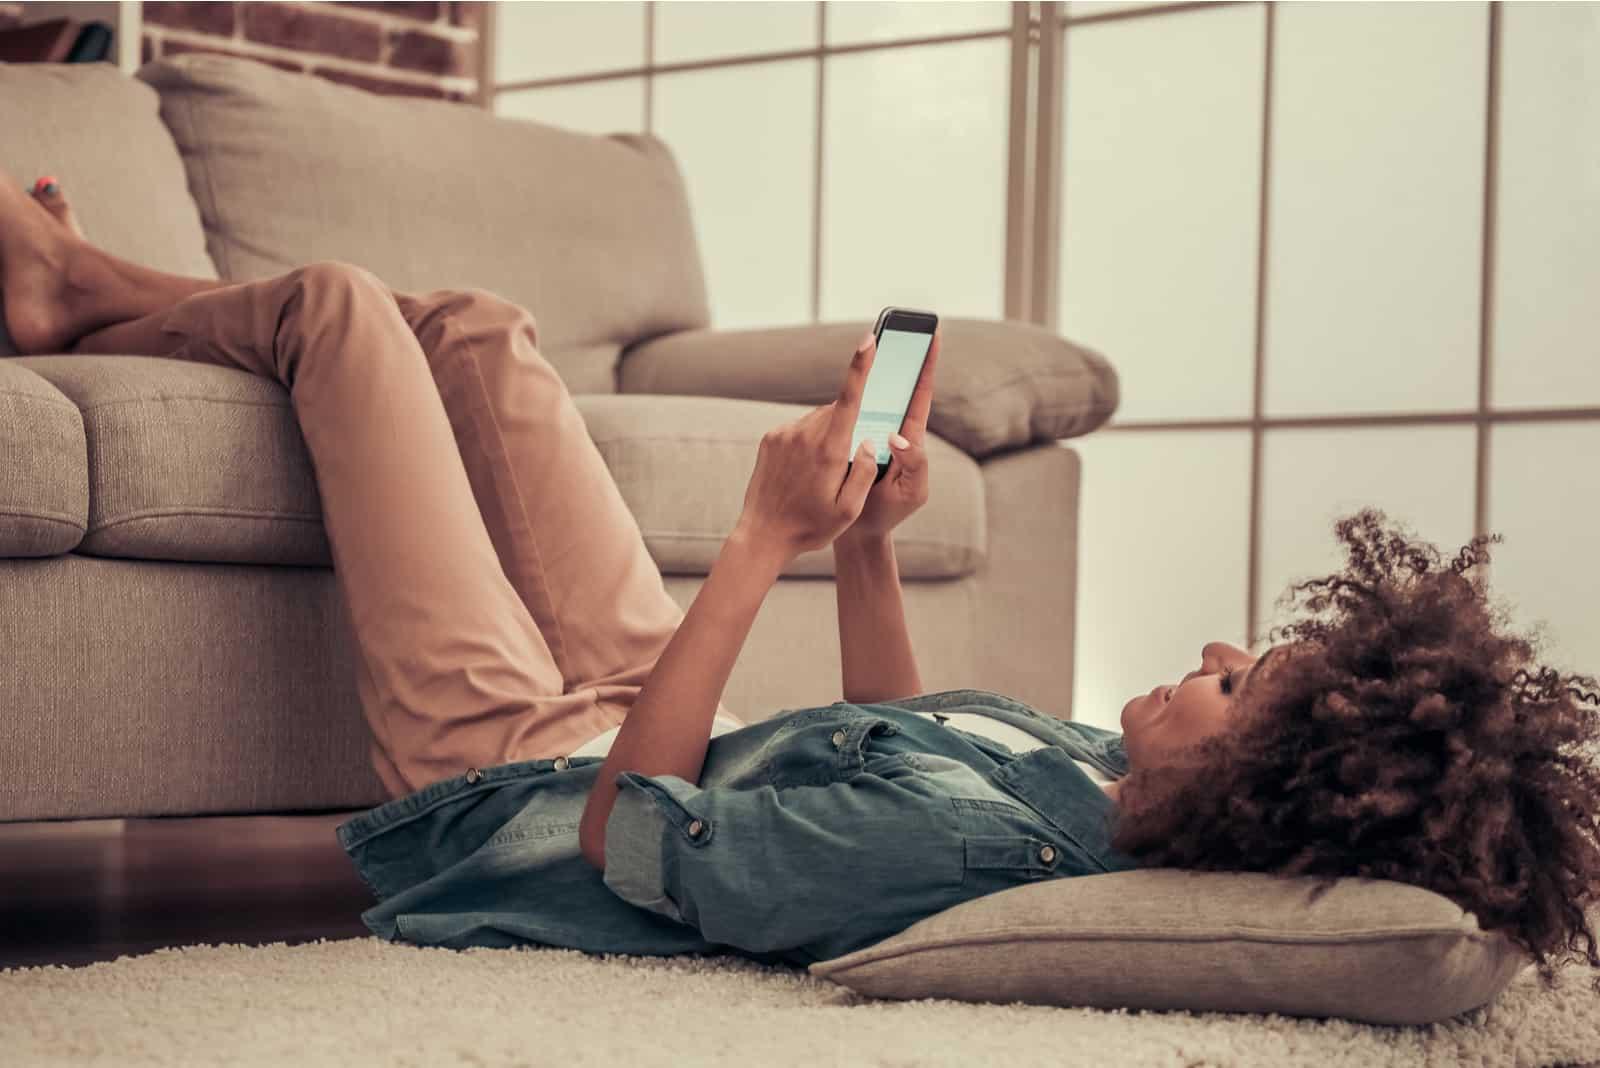 une femme souriante aux cheveux crépus se trouve sur le sol et les touches du téléphone